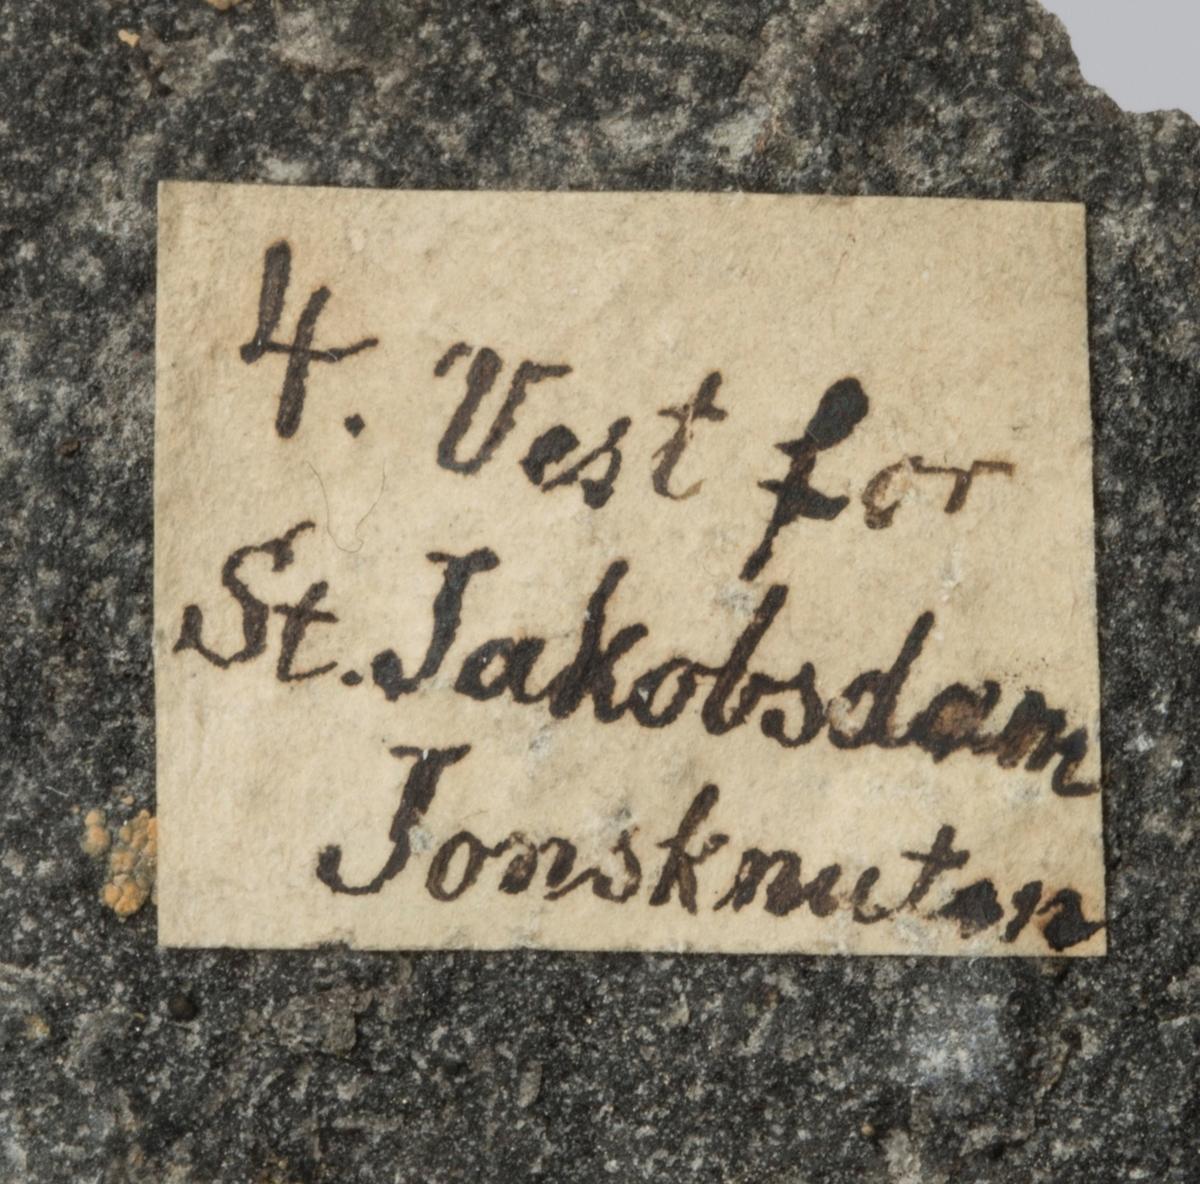 Etikett på prøve: 4. Vest for St. Jacobsdam Jonsknuten  Etiketter i eske:  Etikett 1: 4. Vest for Store Jacobsdam ved foden af Jonsknuten  Etikett 2: V. for Store Jacobsdam ved foden af Jonsknuden. Kbrg.